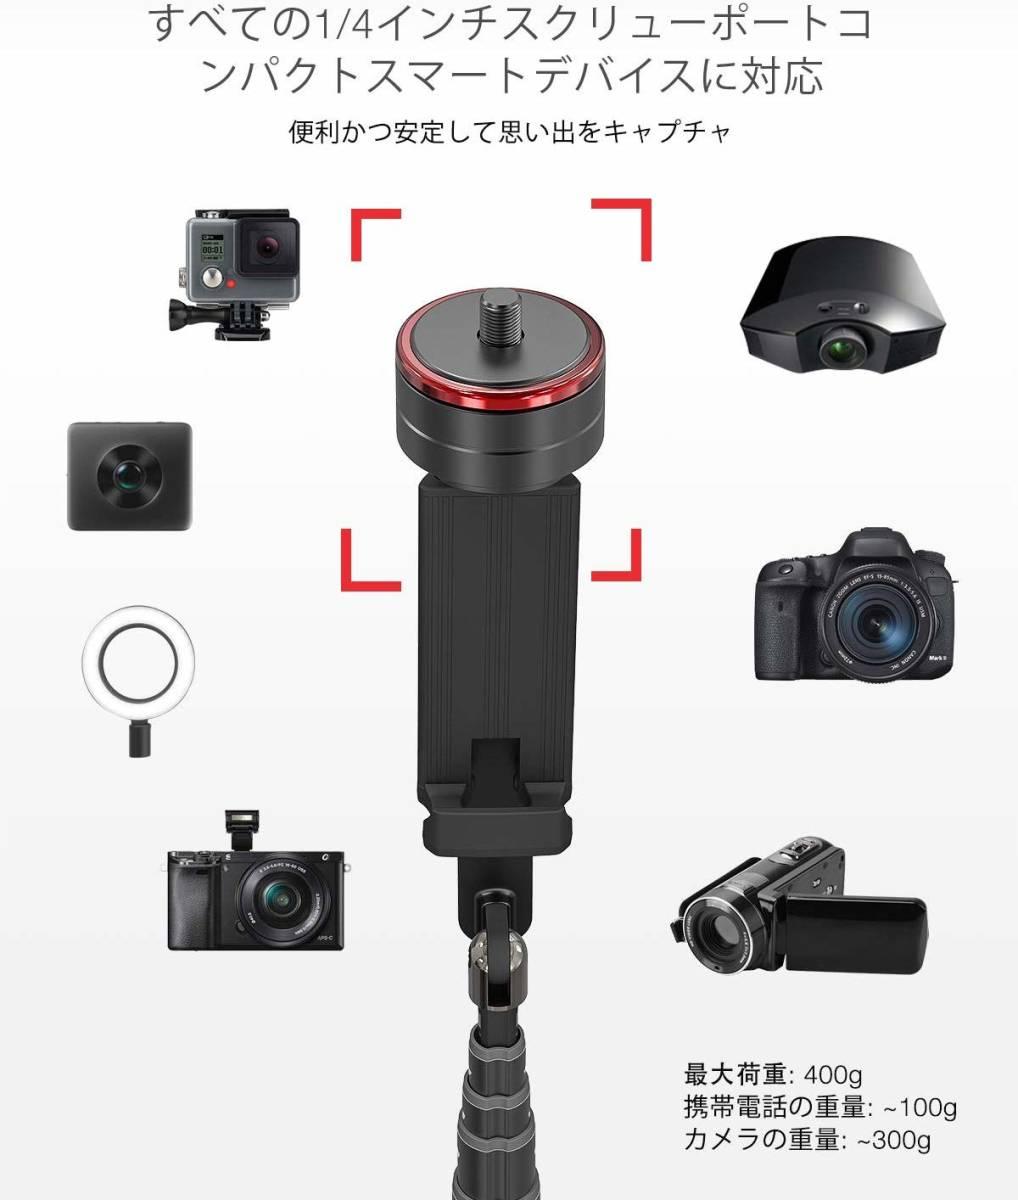 自撮り棒 セルカ棒 自撮り棒 三脚 ワイヤレス 旅行 iPhone/Android対応 Bluetooth リモコン付き 無線 伸縮可能 軽量 日本語説明書付き_画像2